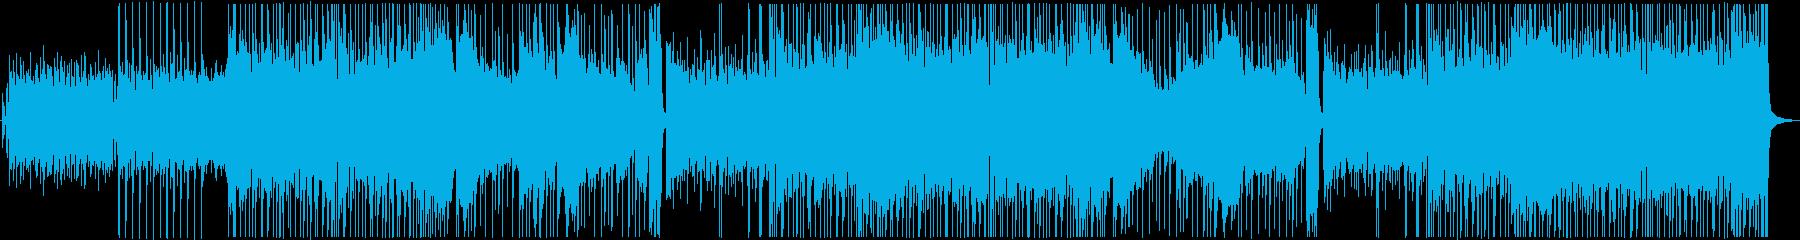 ドラムとベースのロックなBGMの再生済みの波形